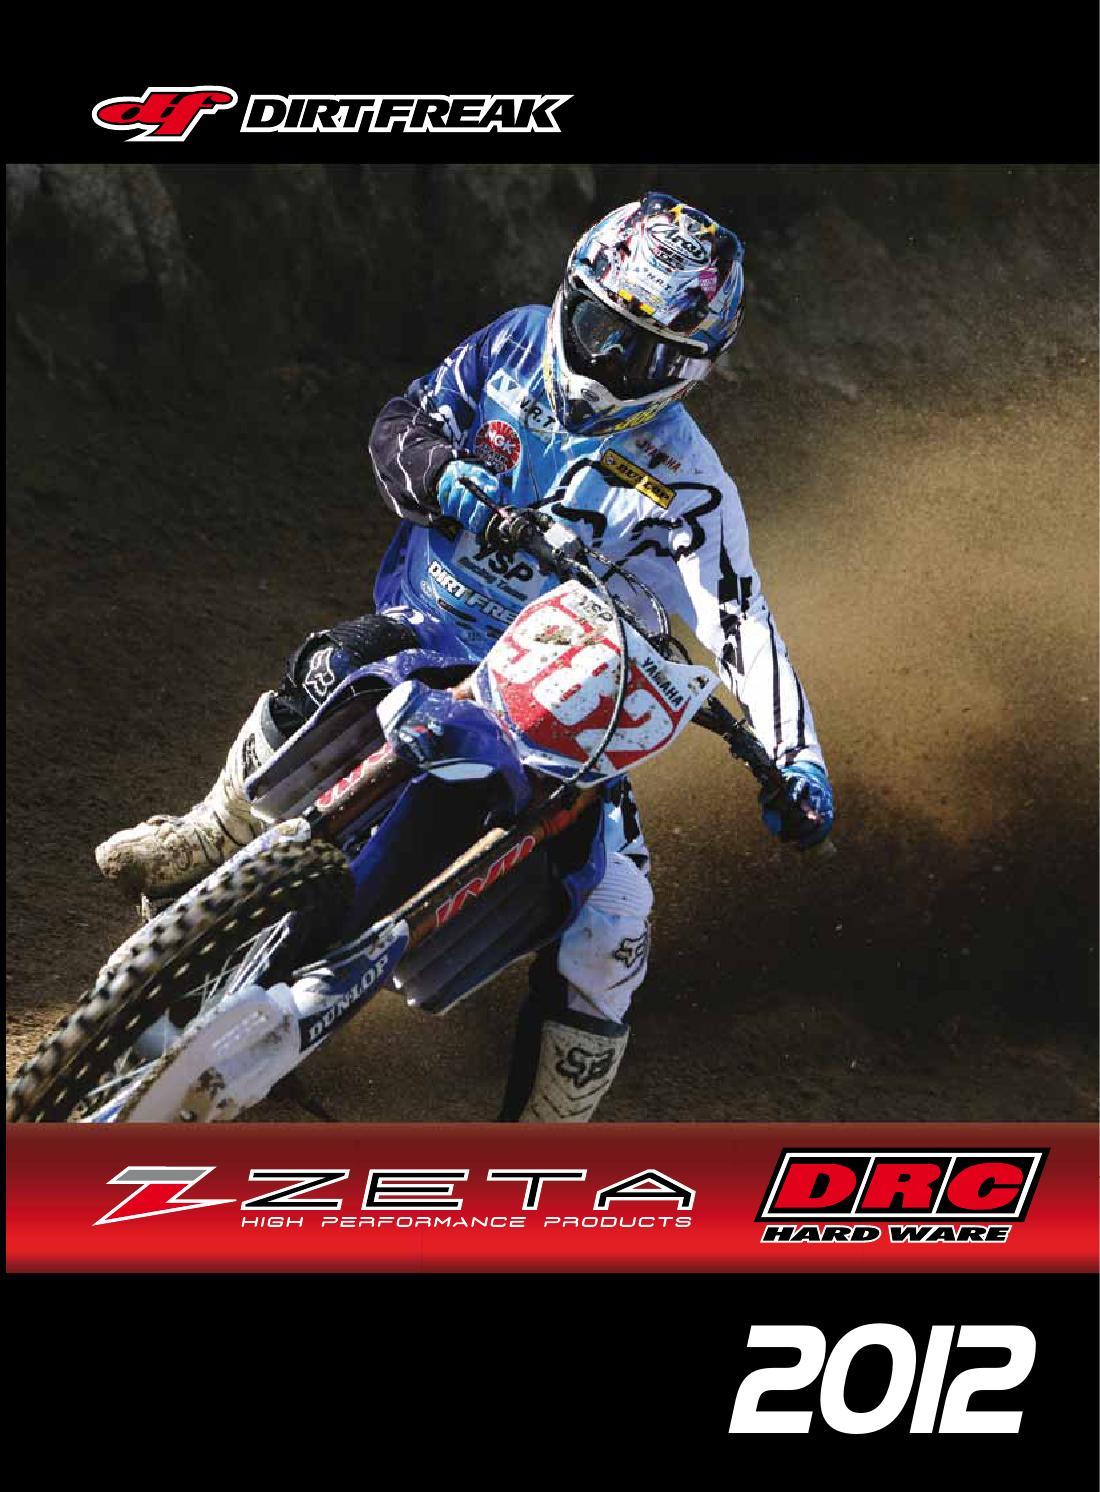 Amarillo Mangos de protecci/ón 1 par 22 mm 28 mm Protector de Motocicleta Manguito Accesorios de protecci/ón Universal Moto manillares Motocross para ATV Dirt Bike Off Road Racing Aleaci/ón de Aluminio